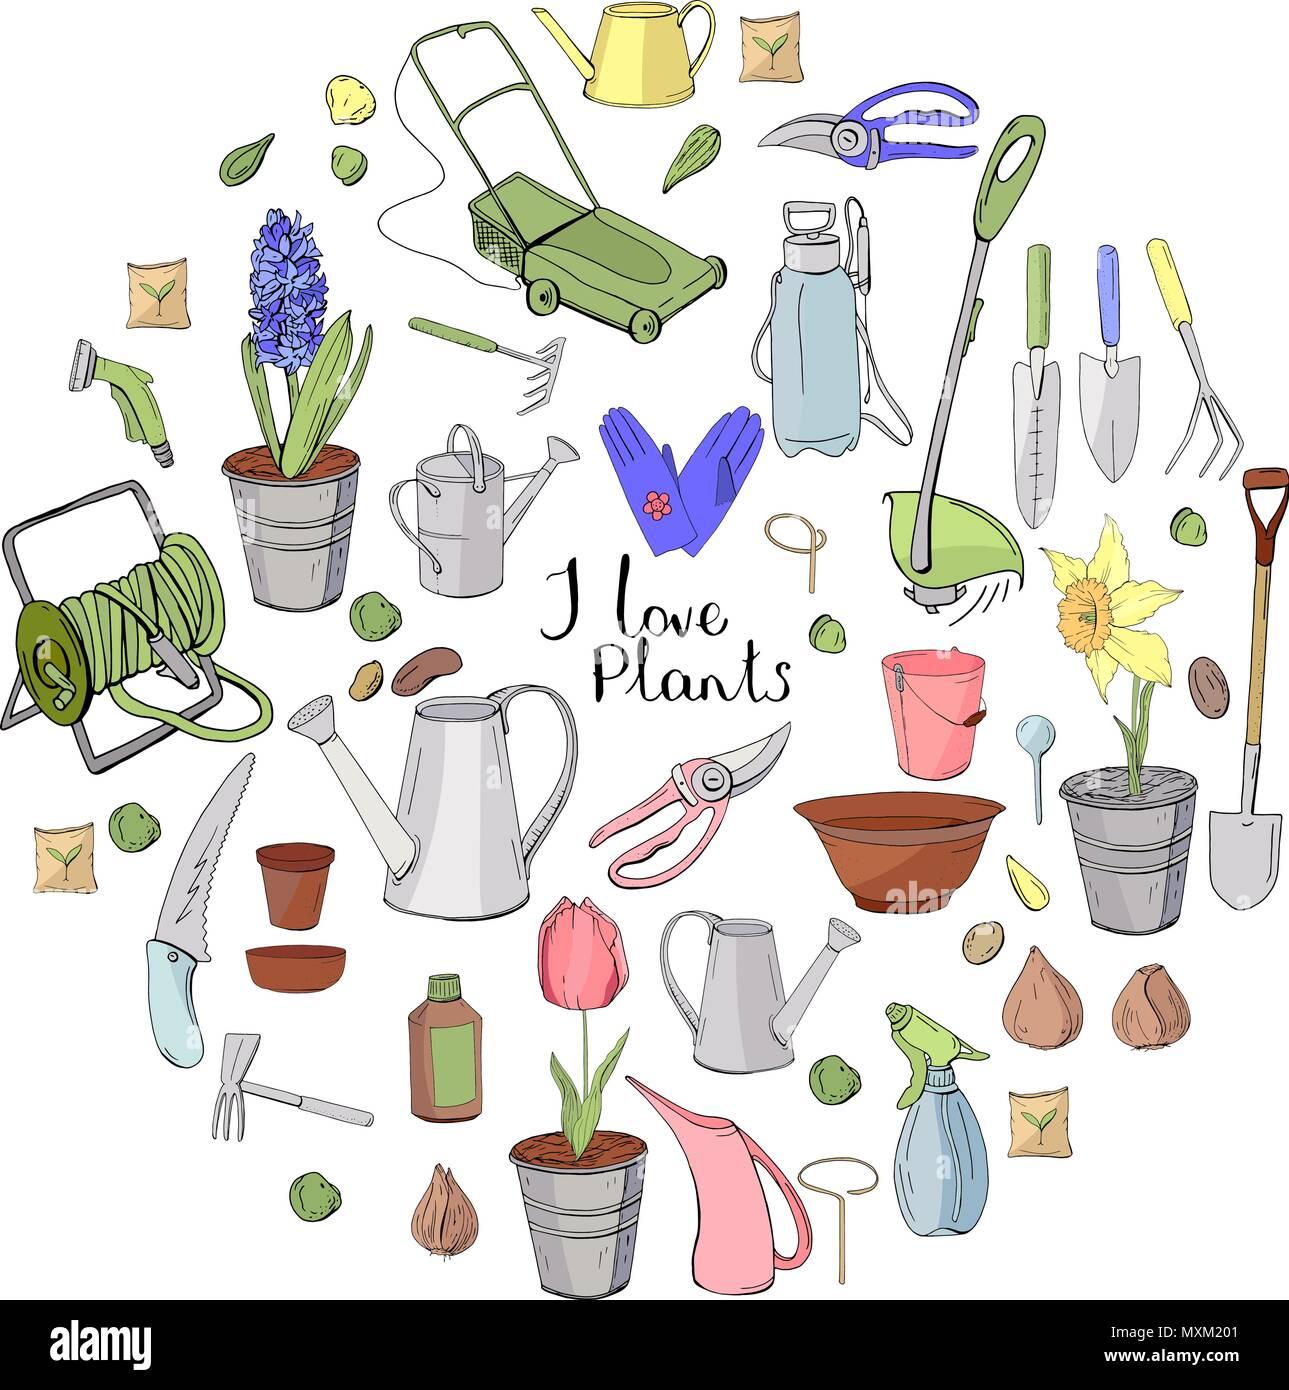 Les Outils De Jardinage Avec Photos forme ronde faite de différents outils de jardinage. cercle